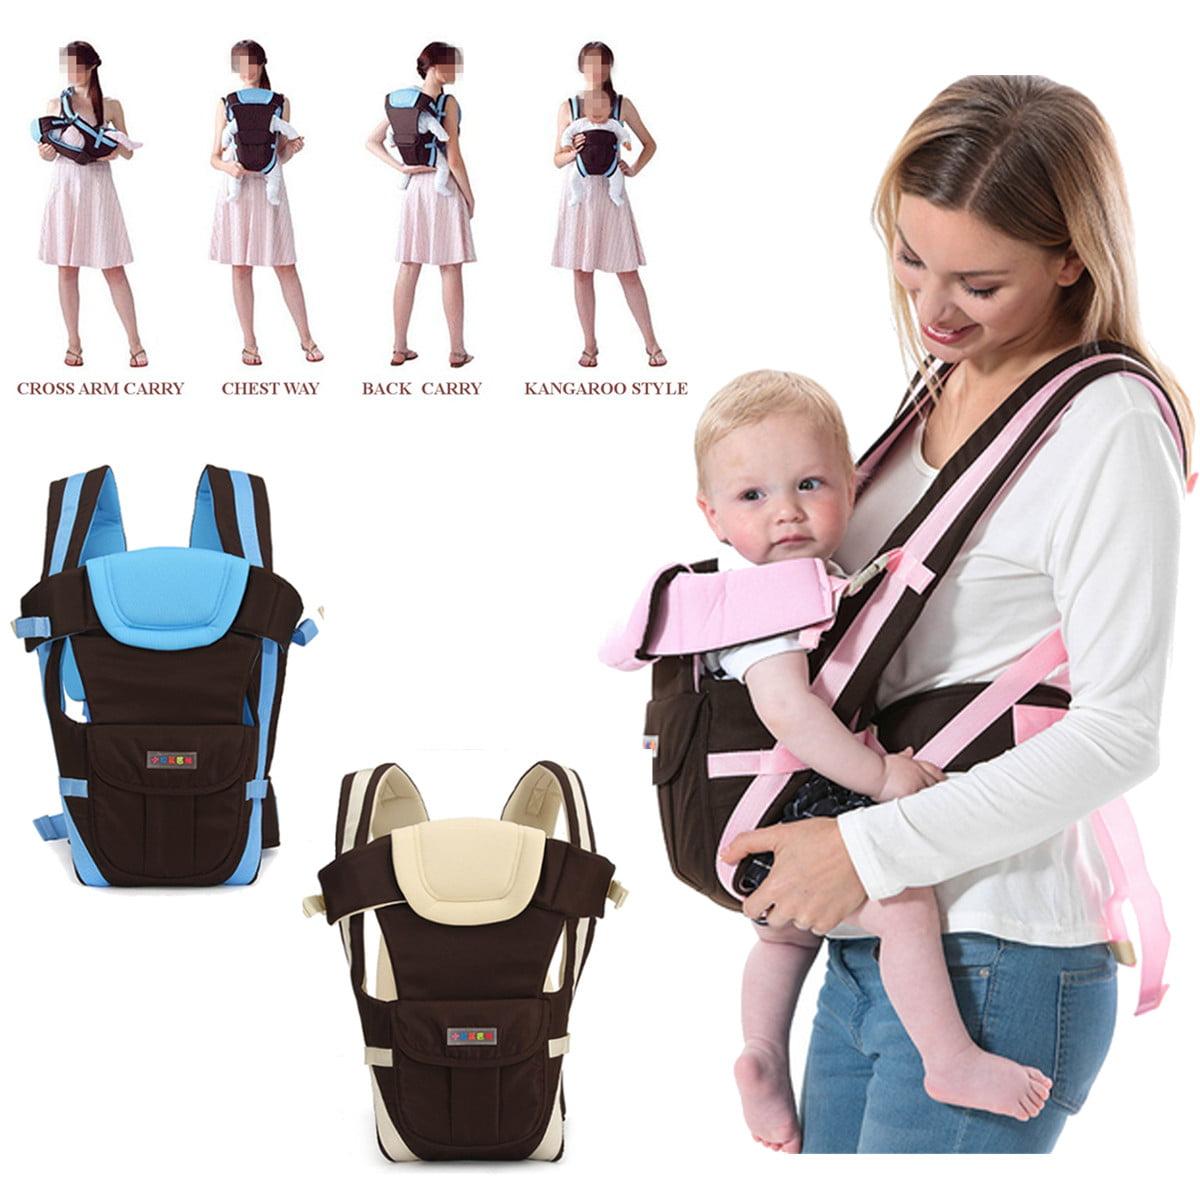 Baby Carrier Sling Infant Breathable Adjustable Wrap Newborn Toddler Backpack